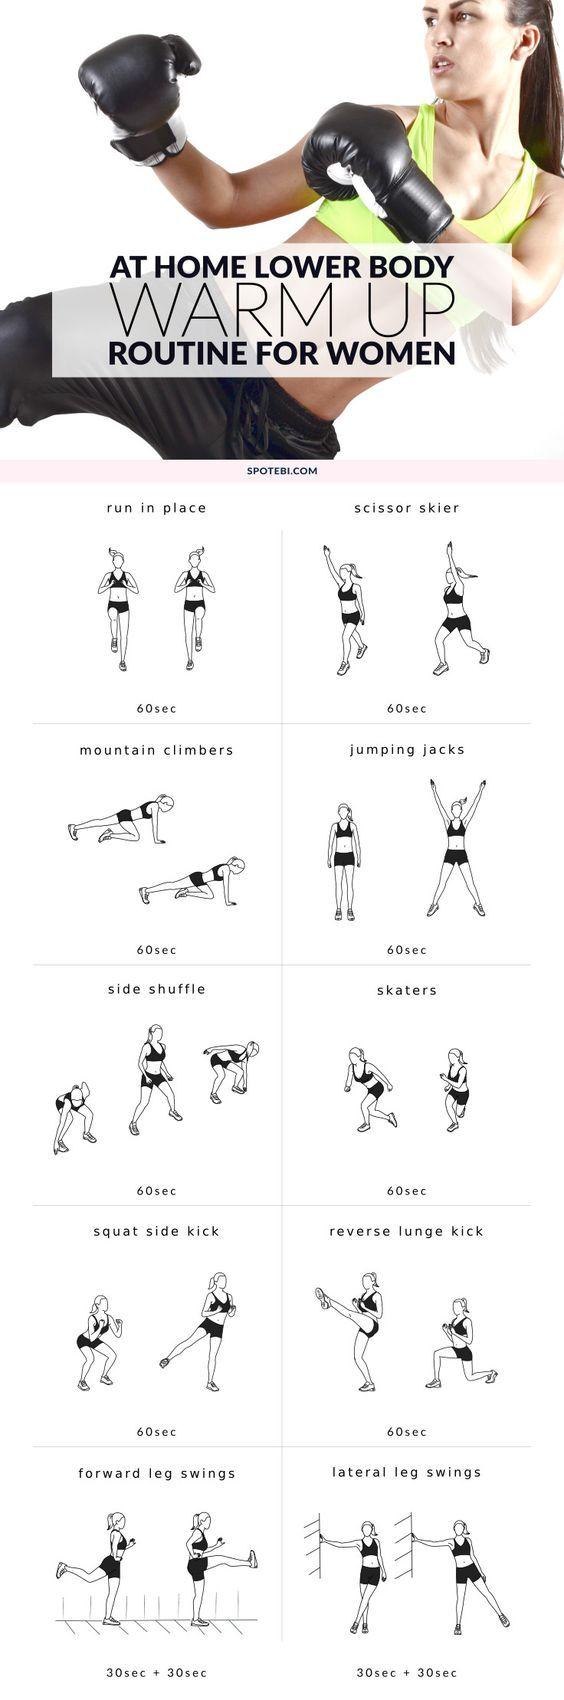 Warm Up Routines lower body spotebi